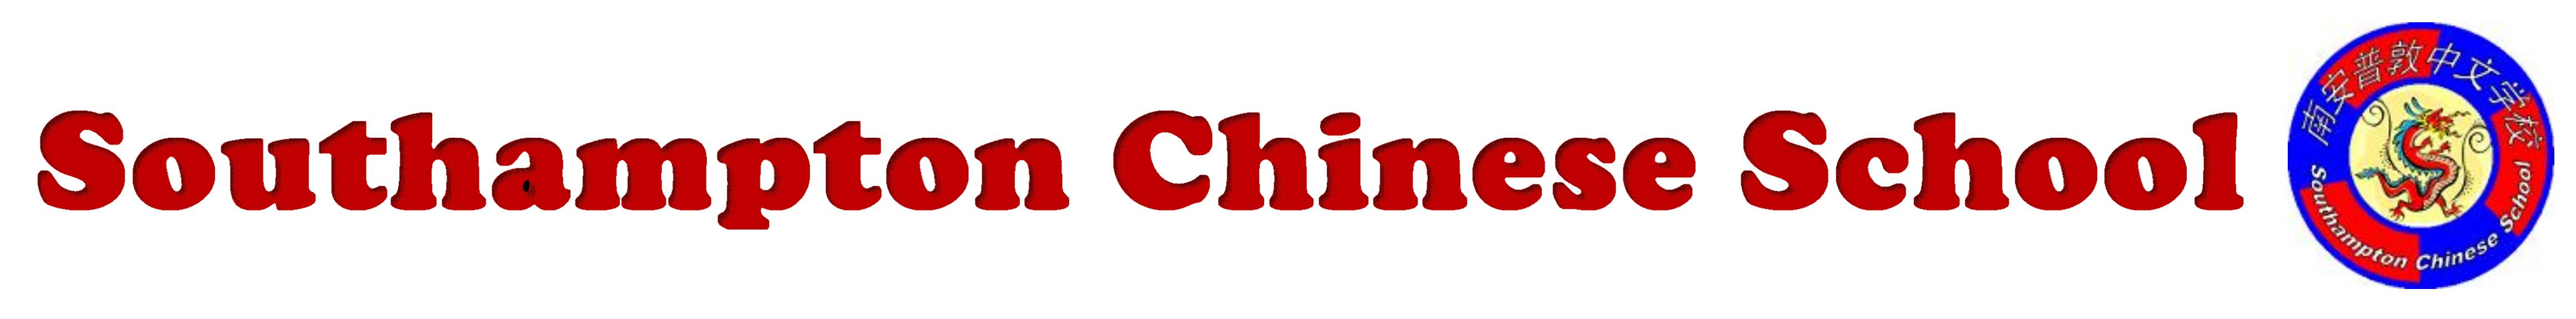 Southampton Chinese School